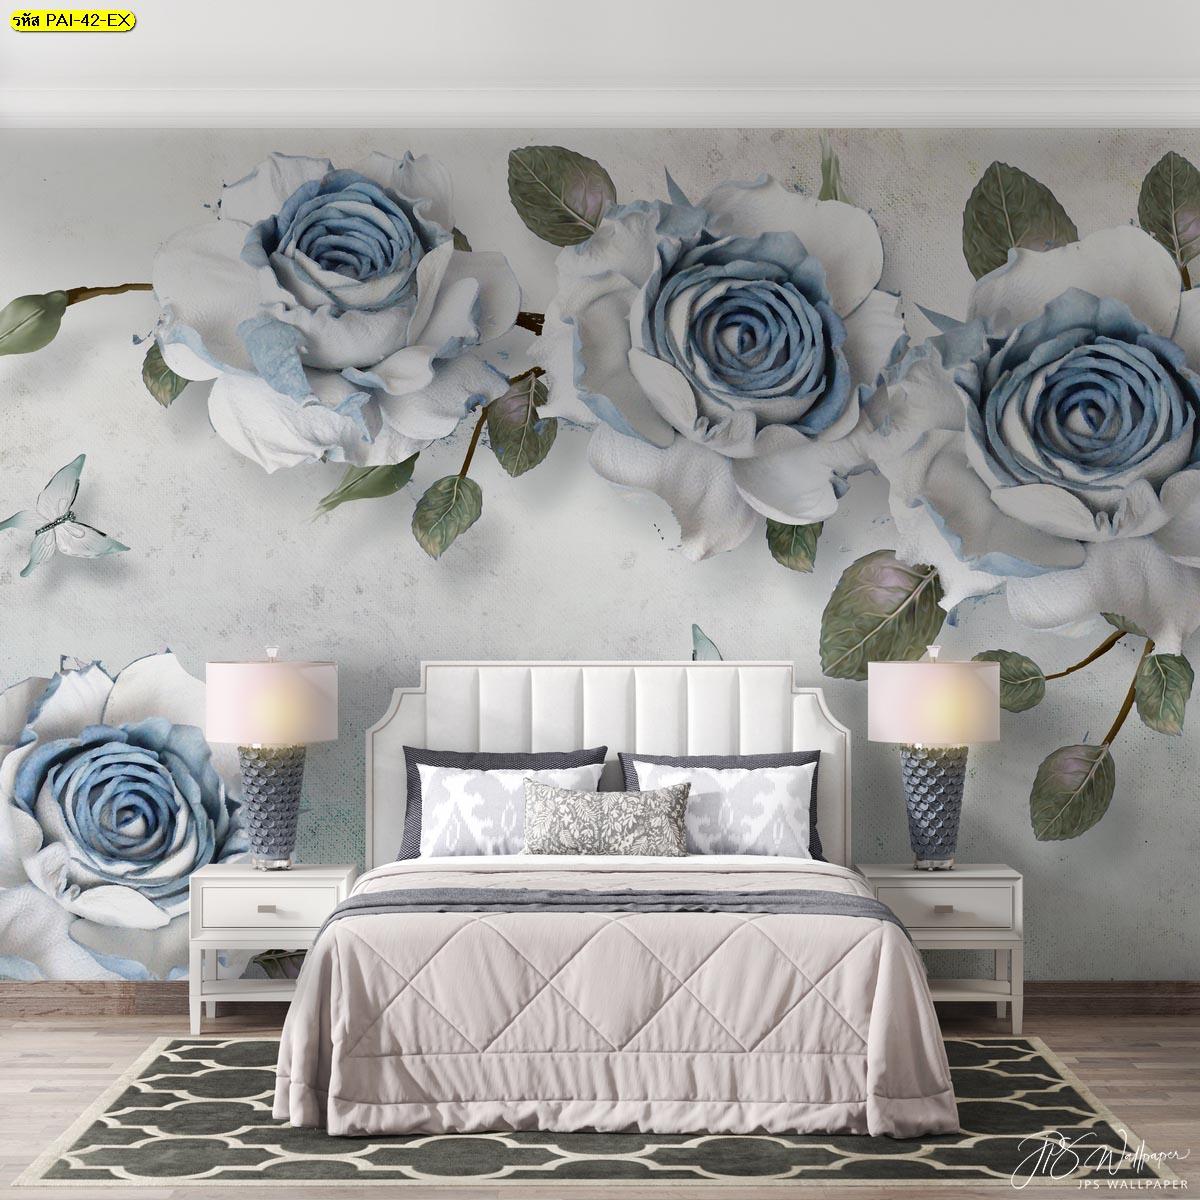 สั่งทำภาพติดผนังลายดอกไม้ ภาพติดผนังขนาดใหญ่สามมิติ แบบห้องนอนวินเทจ